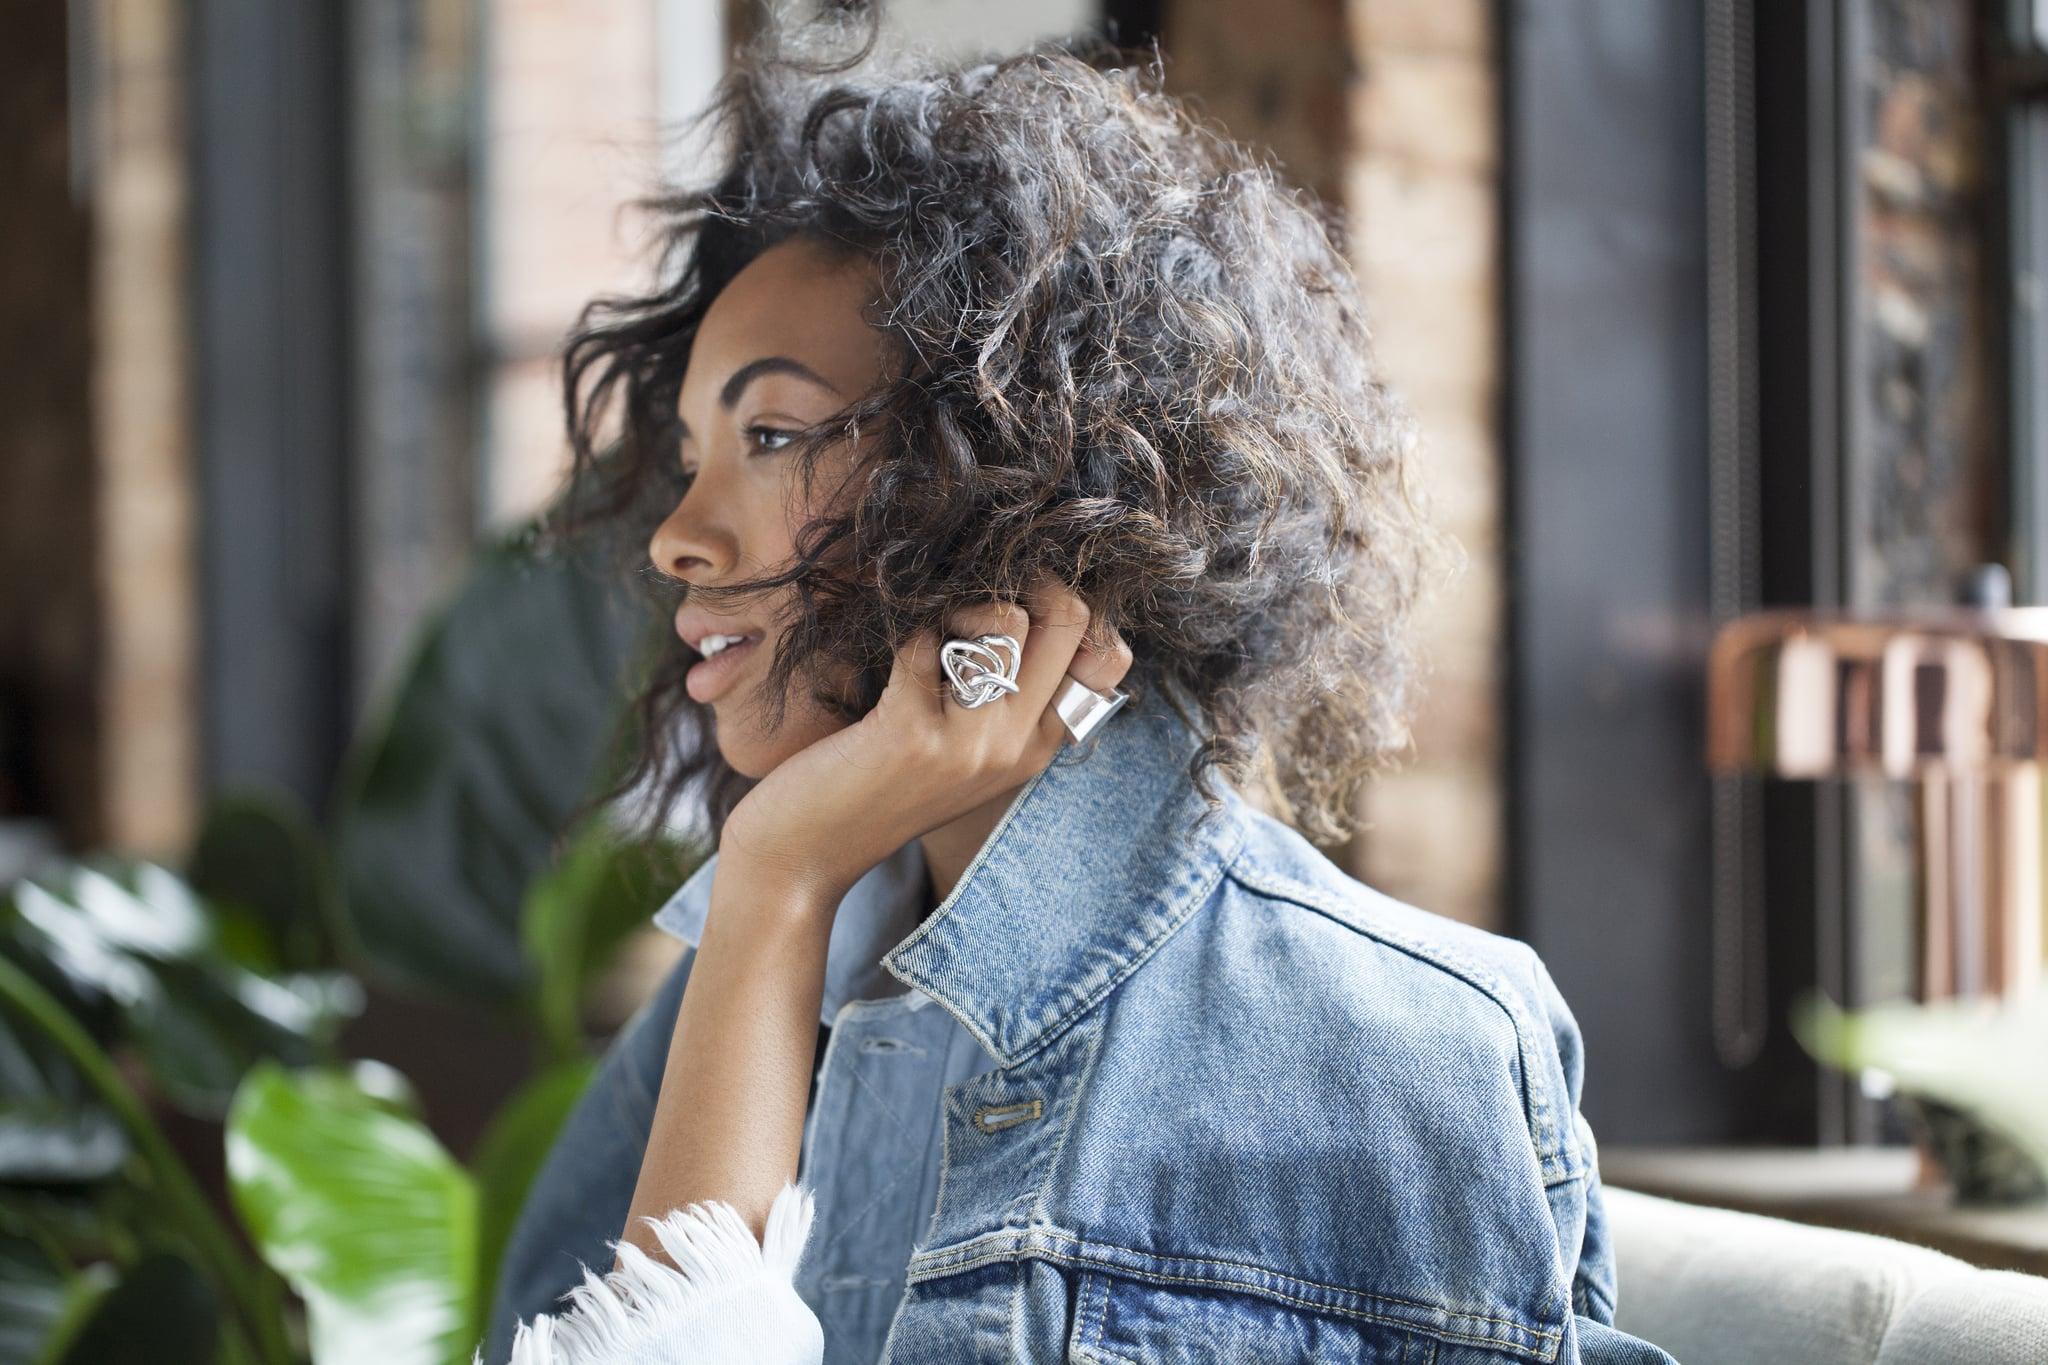 Olaplex Wins Lawsuit Against L'Oréal Smartbond | POPSUGAR Beauty